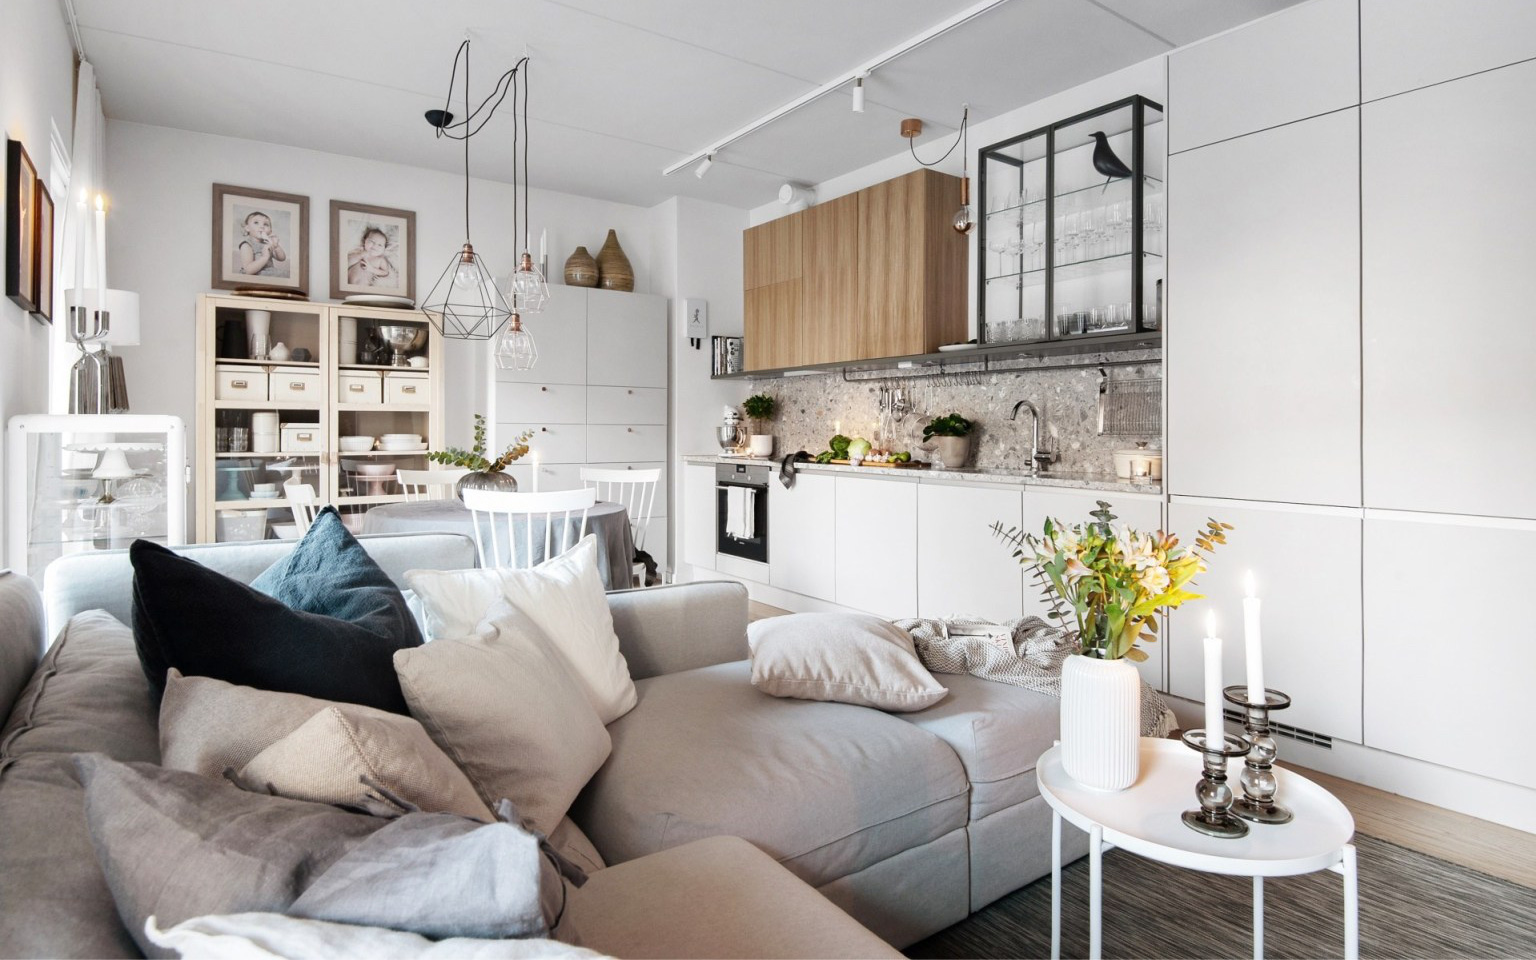 Căn hộ 54m² được nhiều người yêu thích nhờ cách bố trí hợp lý, lựa chọn nội thất ấn tượng